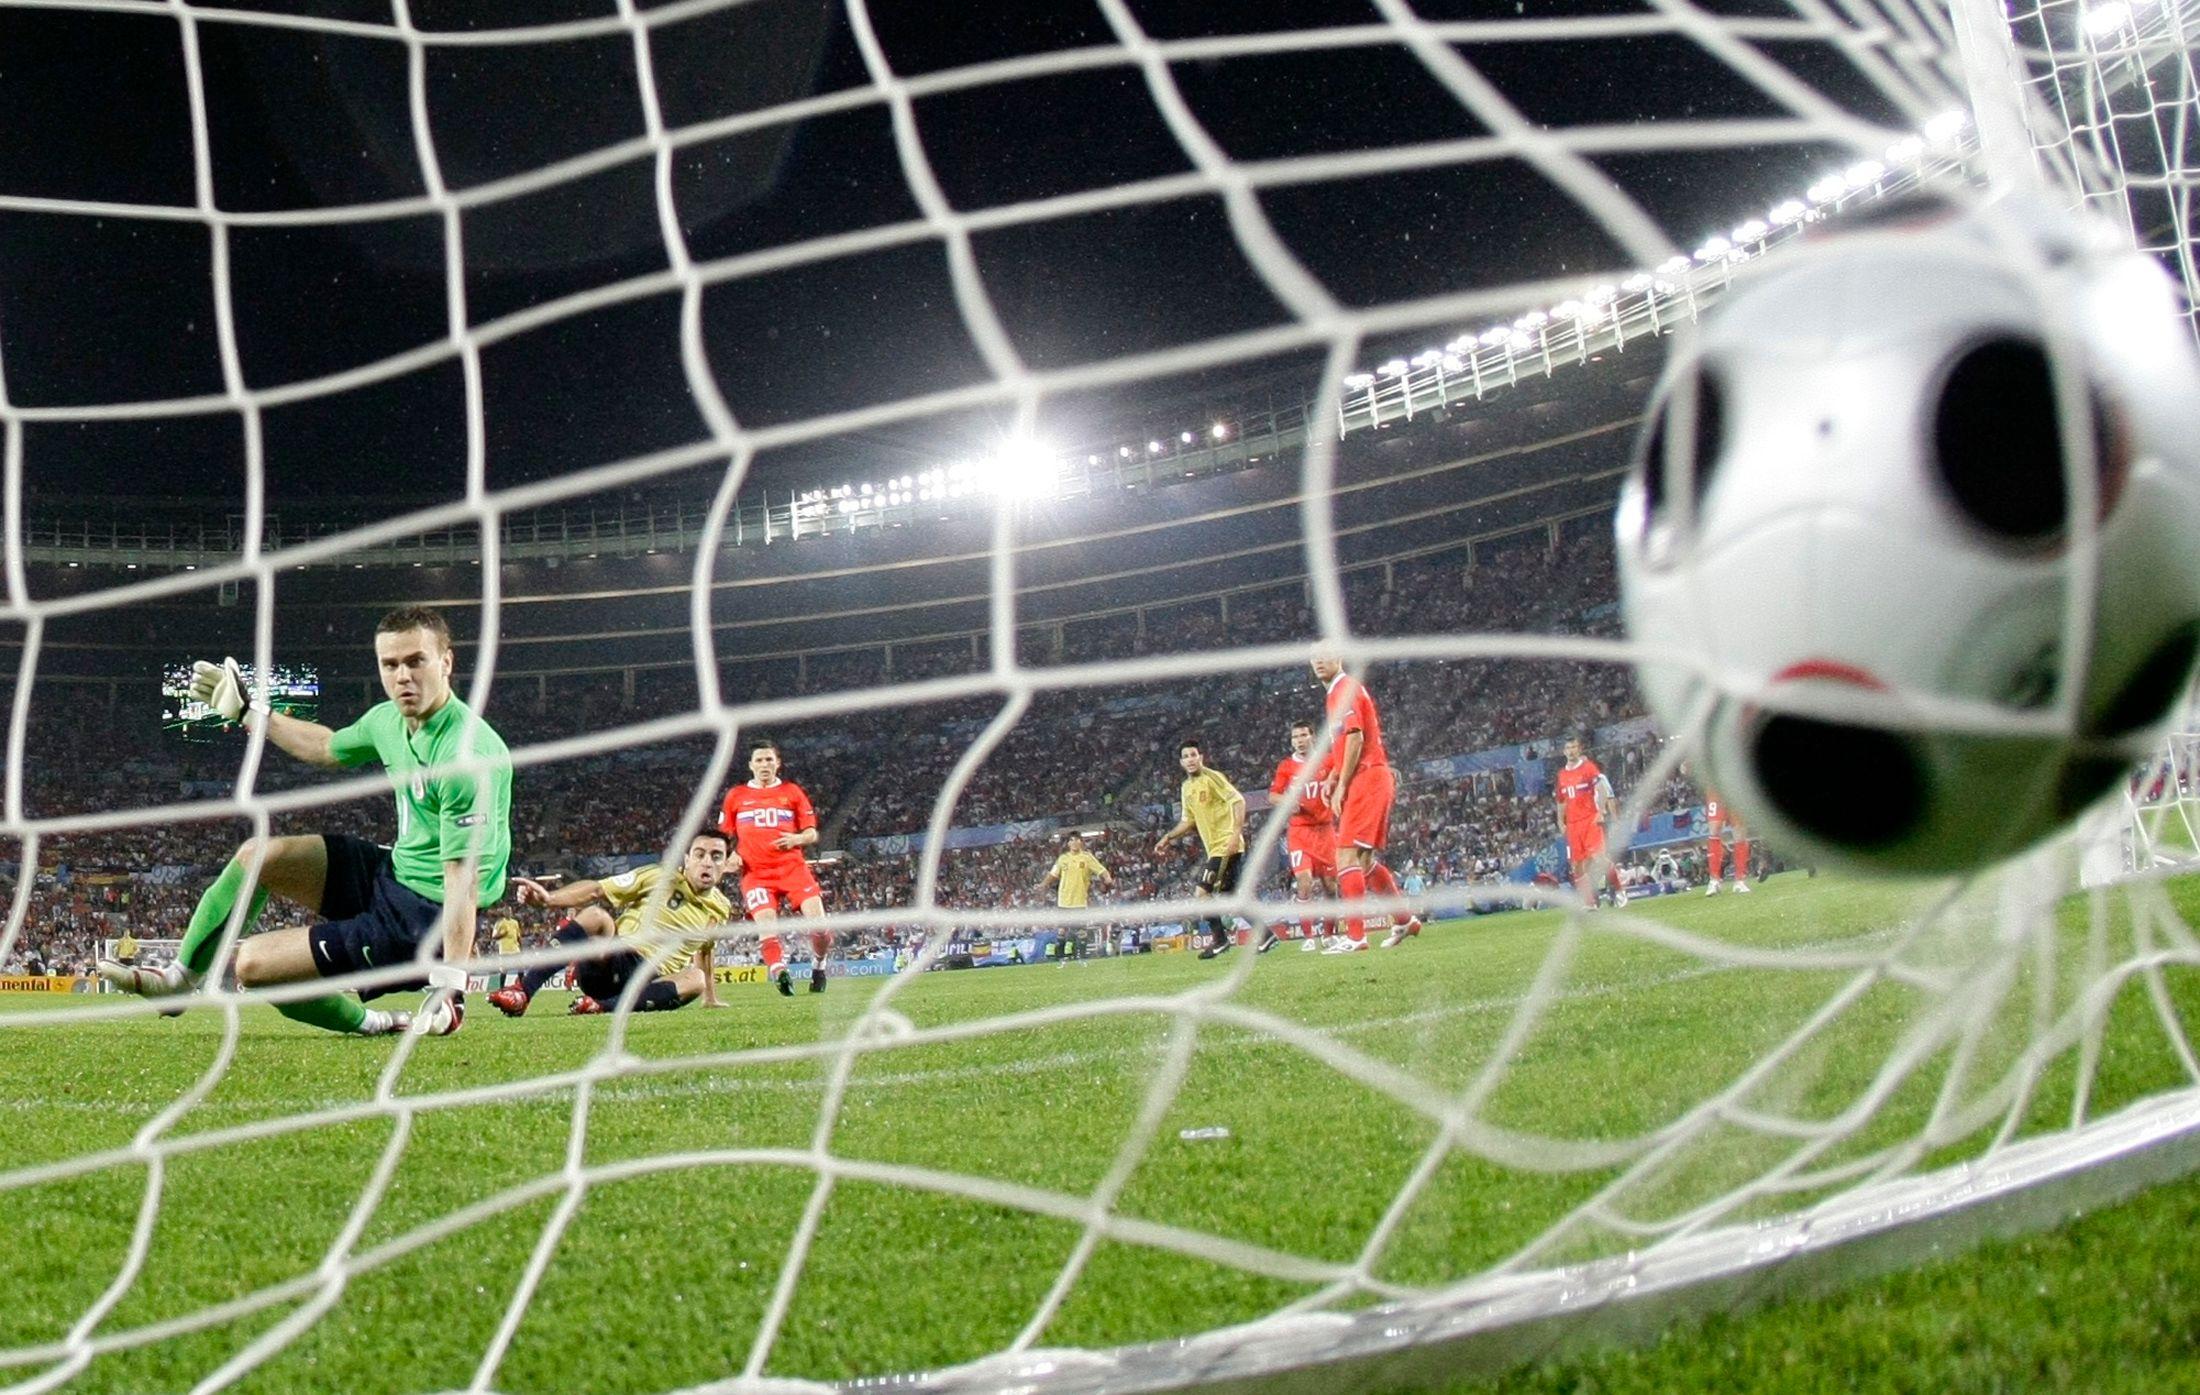 Football : la première Coupe du monde à 48 équipes aura lieu en 2026